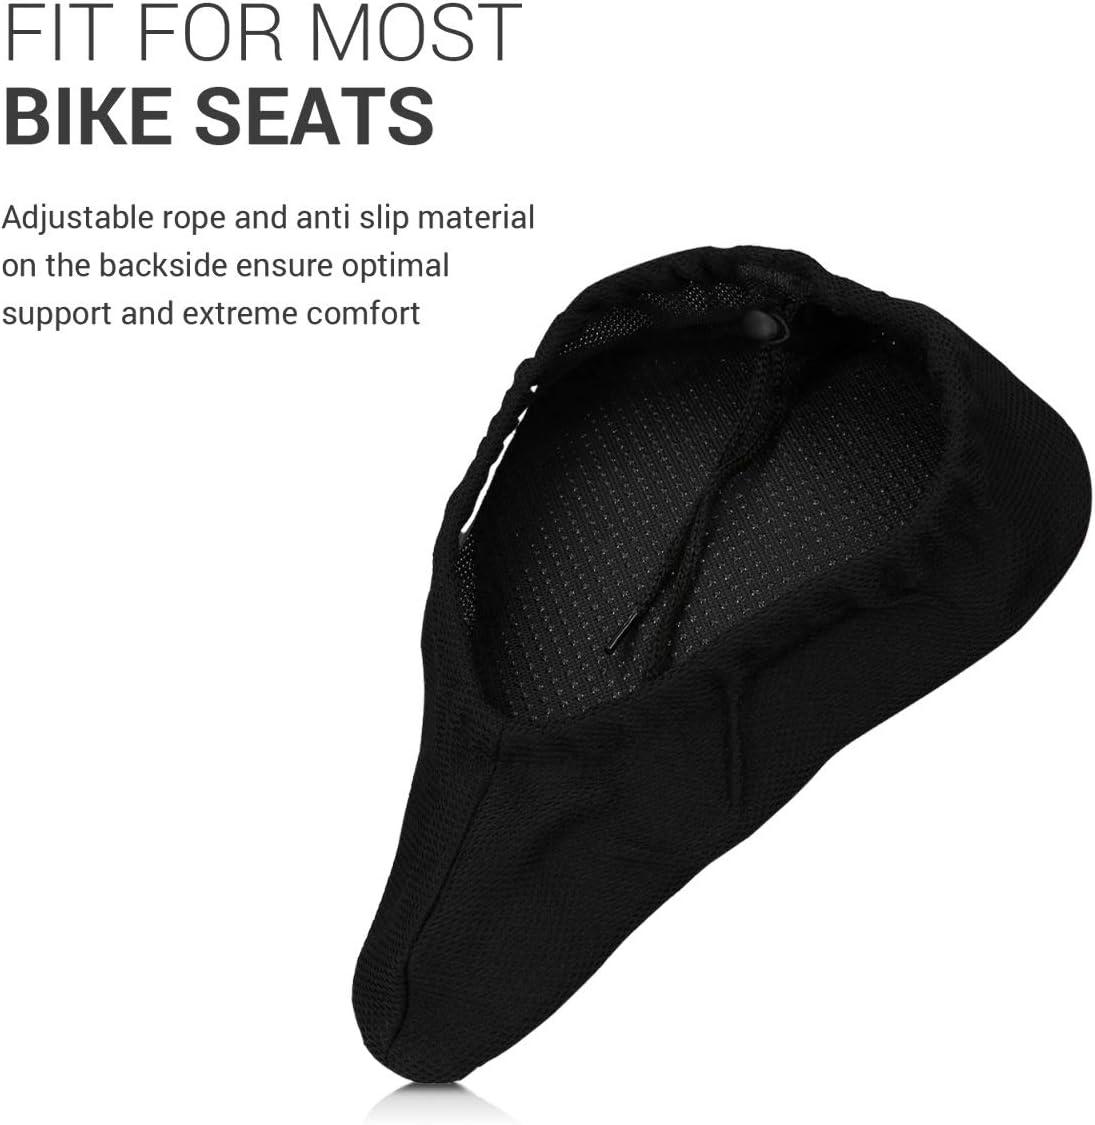 YFSEOS Upgrade Nueva Funda de Asiento de Bicicleta de Gel Transpirable con Almohadillas Antideslizantes Coj/ín de Sill/ín de Bicicleta Extra Suave y C/ómodo